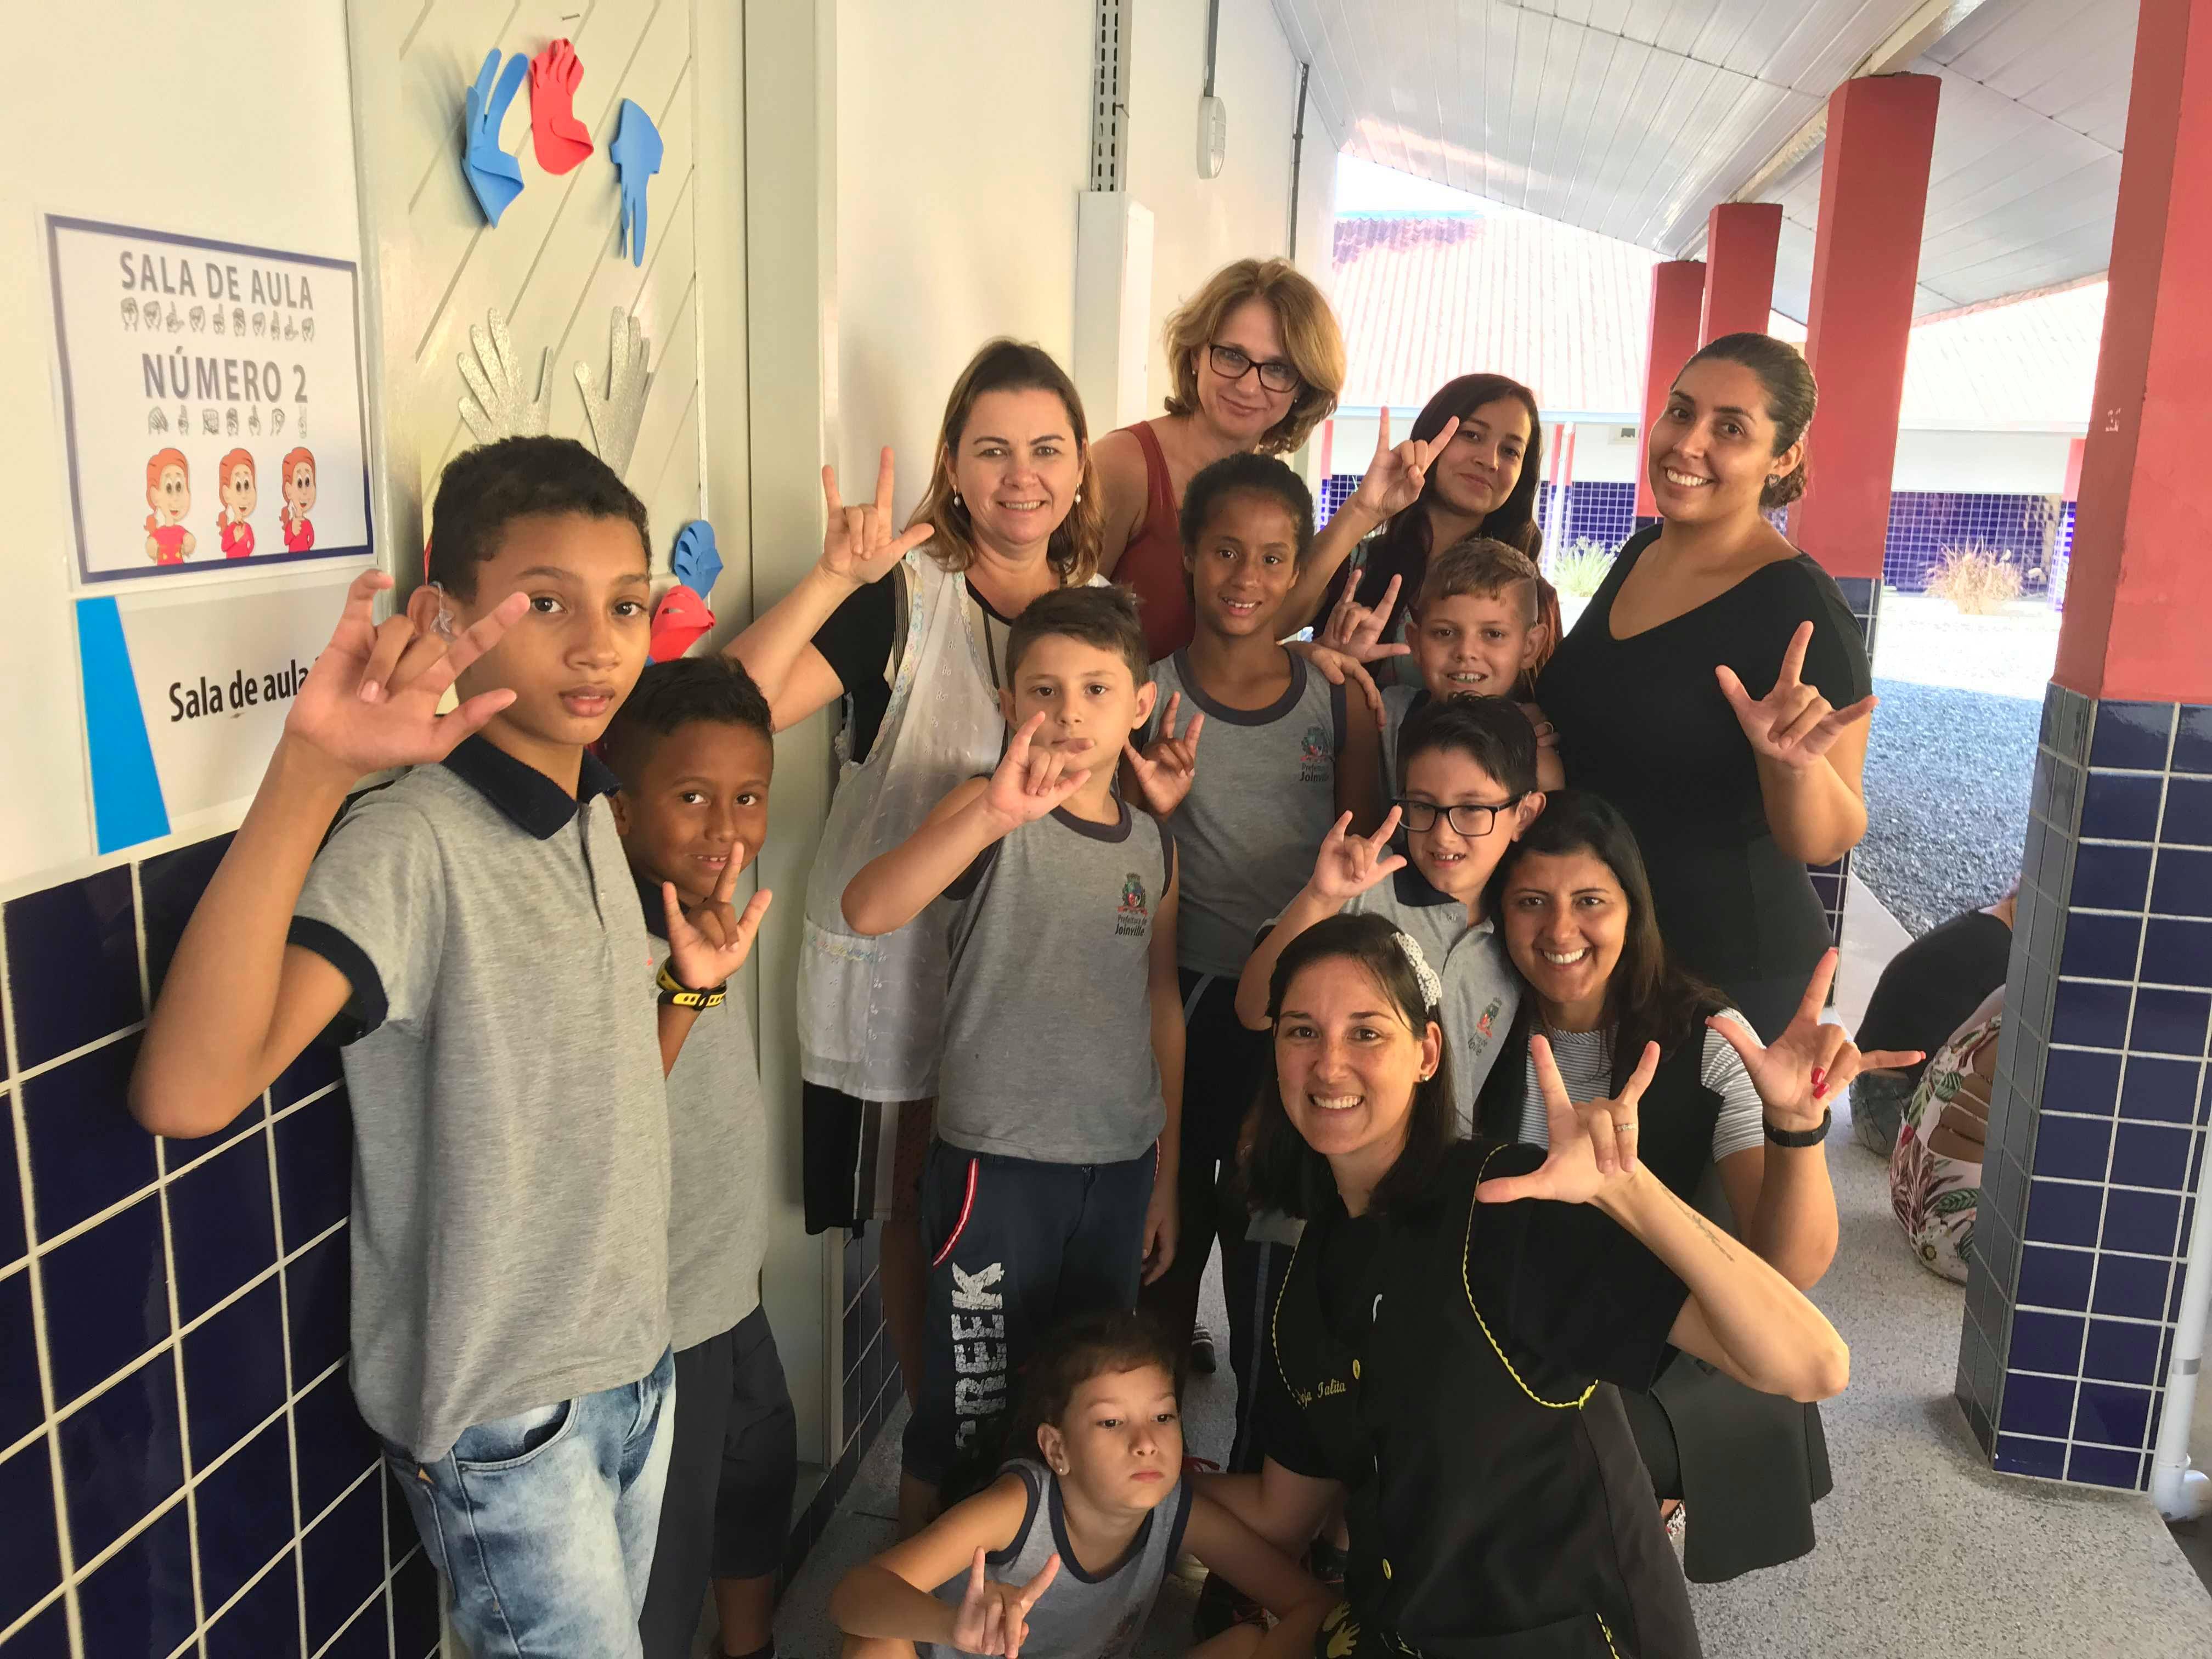 Instituição é municipal e trabalha alfabetização de crianças em libras e língua brasileira | Foto Windson Prado/OCP.News